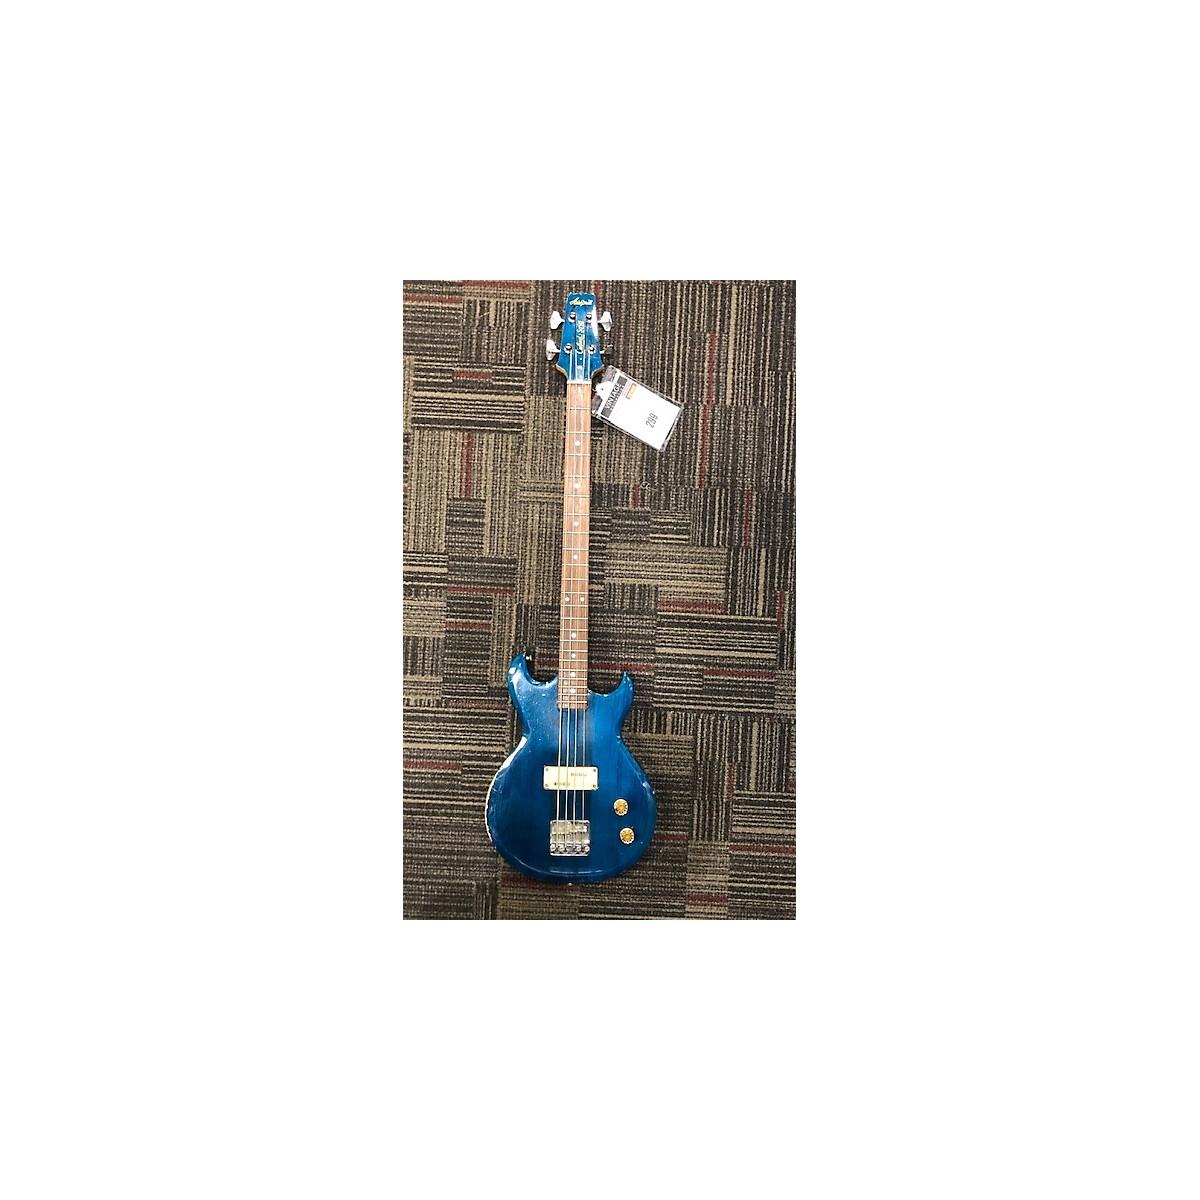 Aria 1980s PRO II CARDINAL SERIES Electric Bass Guitar